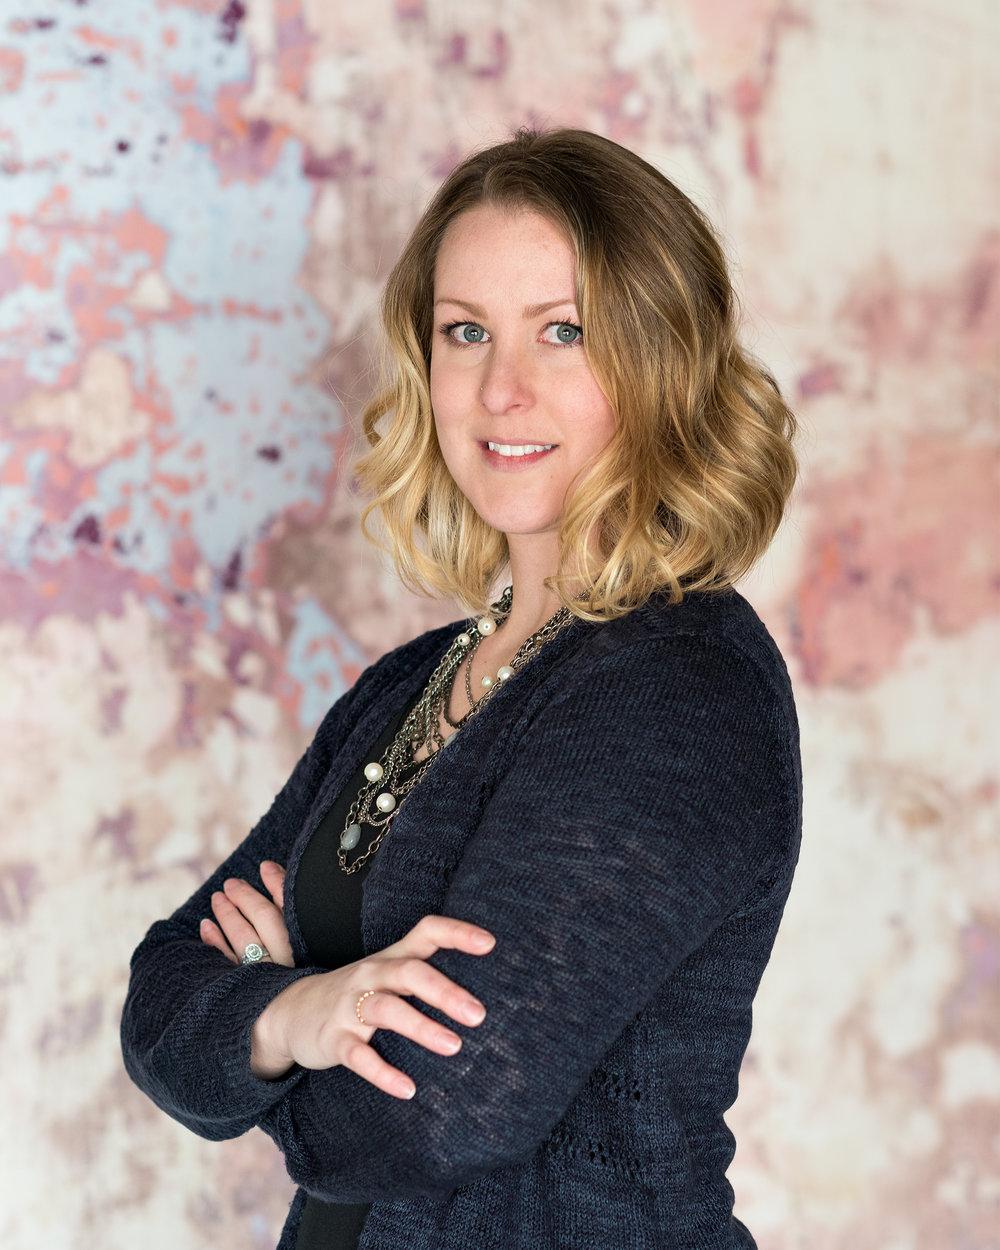 Samantha Wibel